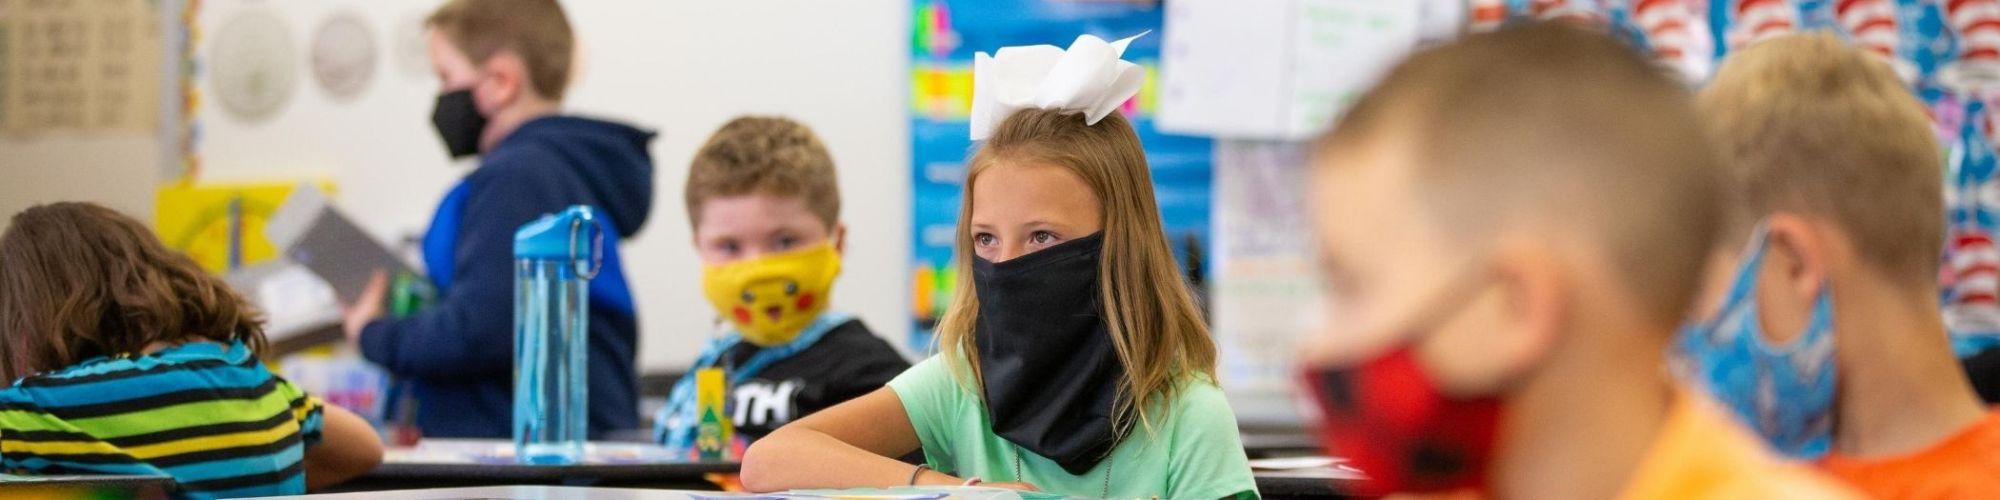 Students sitting at desks, wearing face masks.